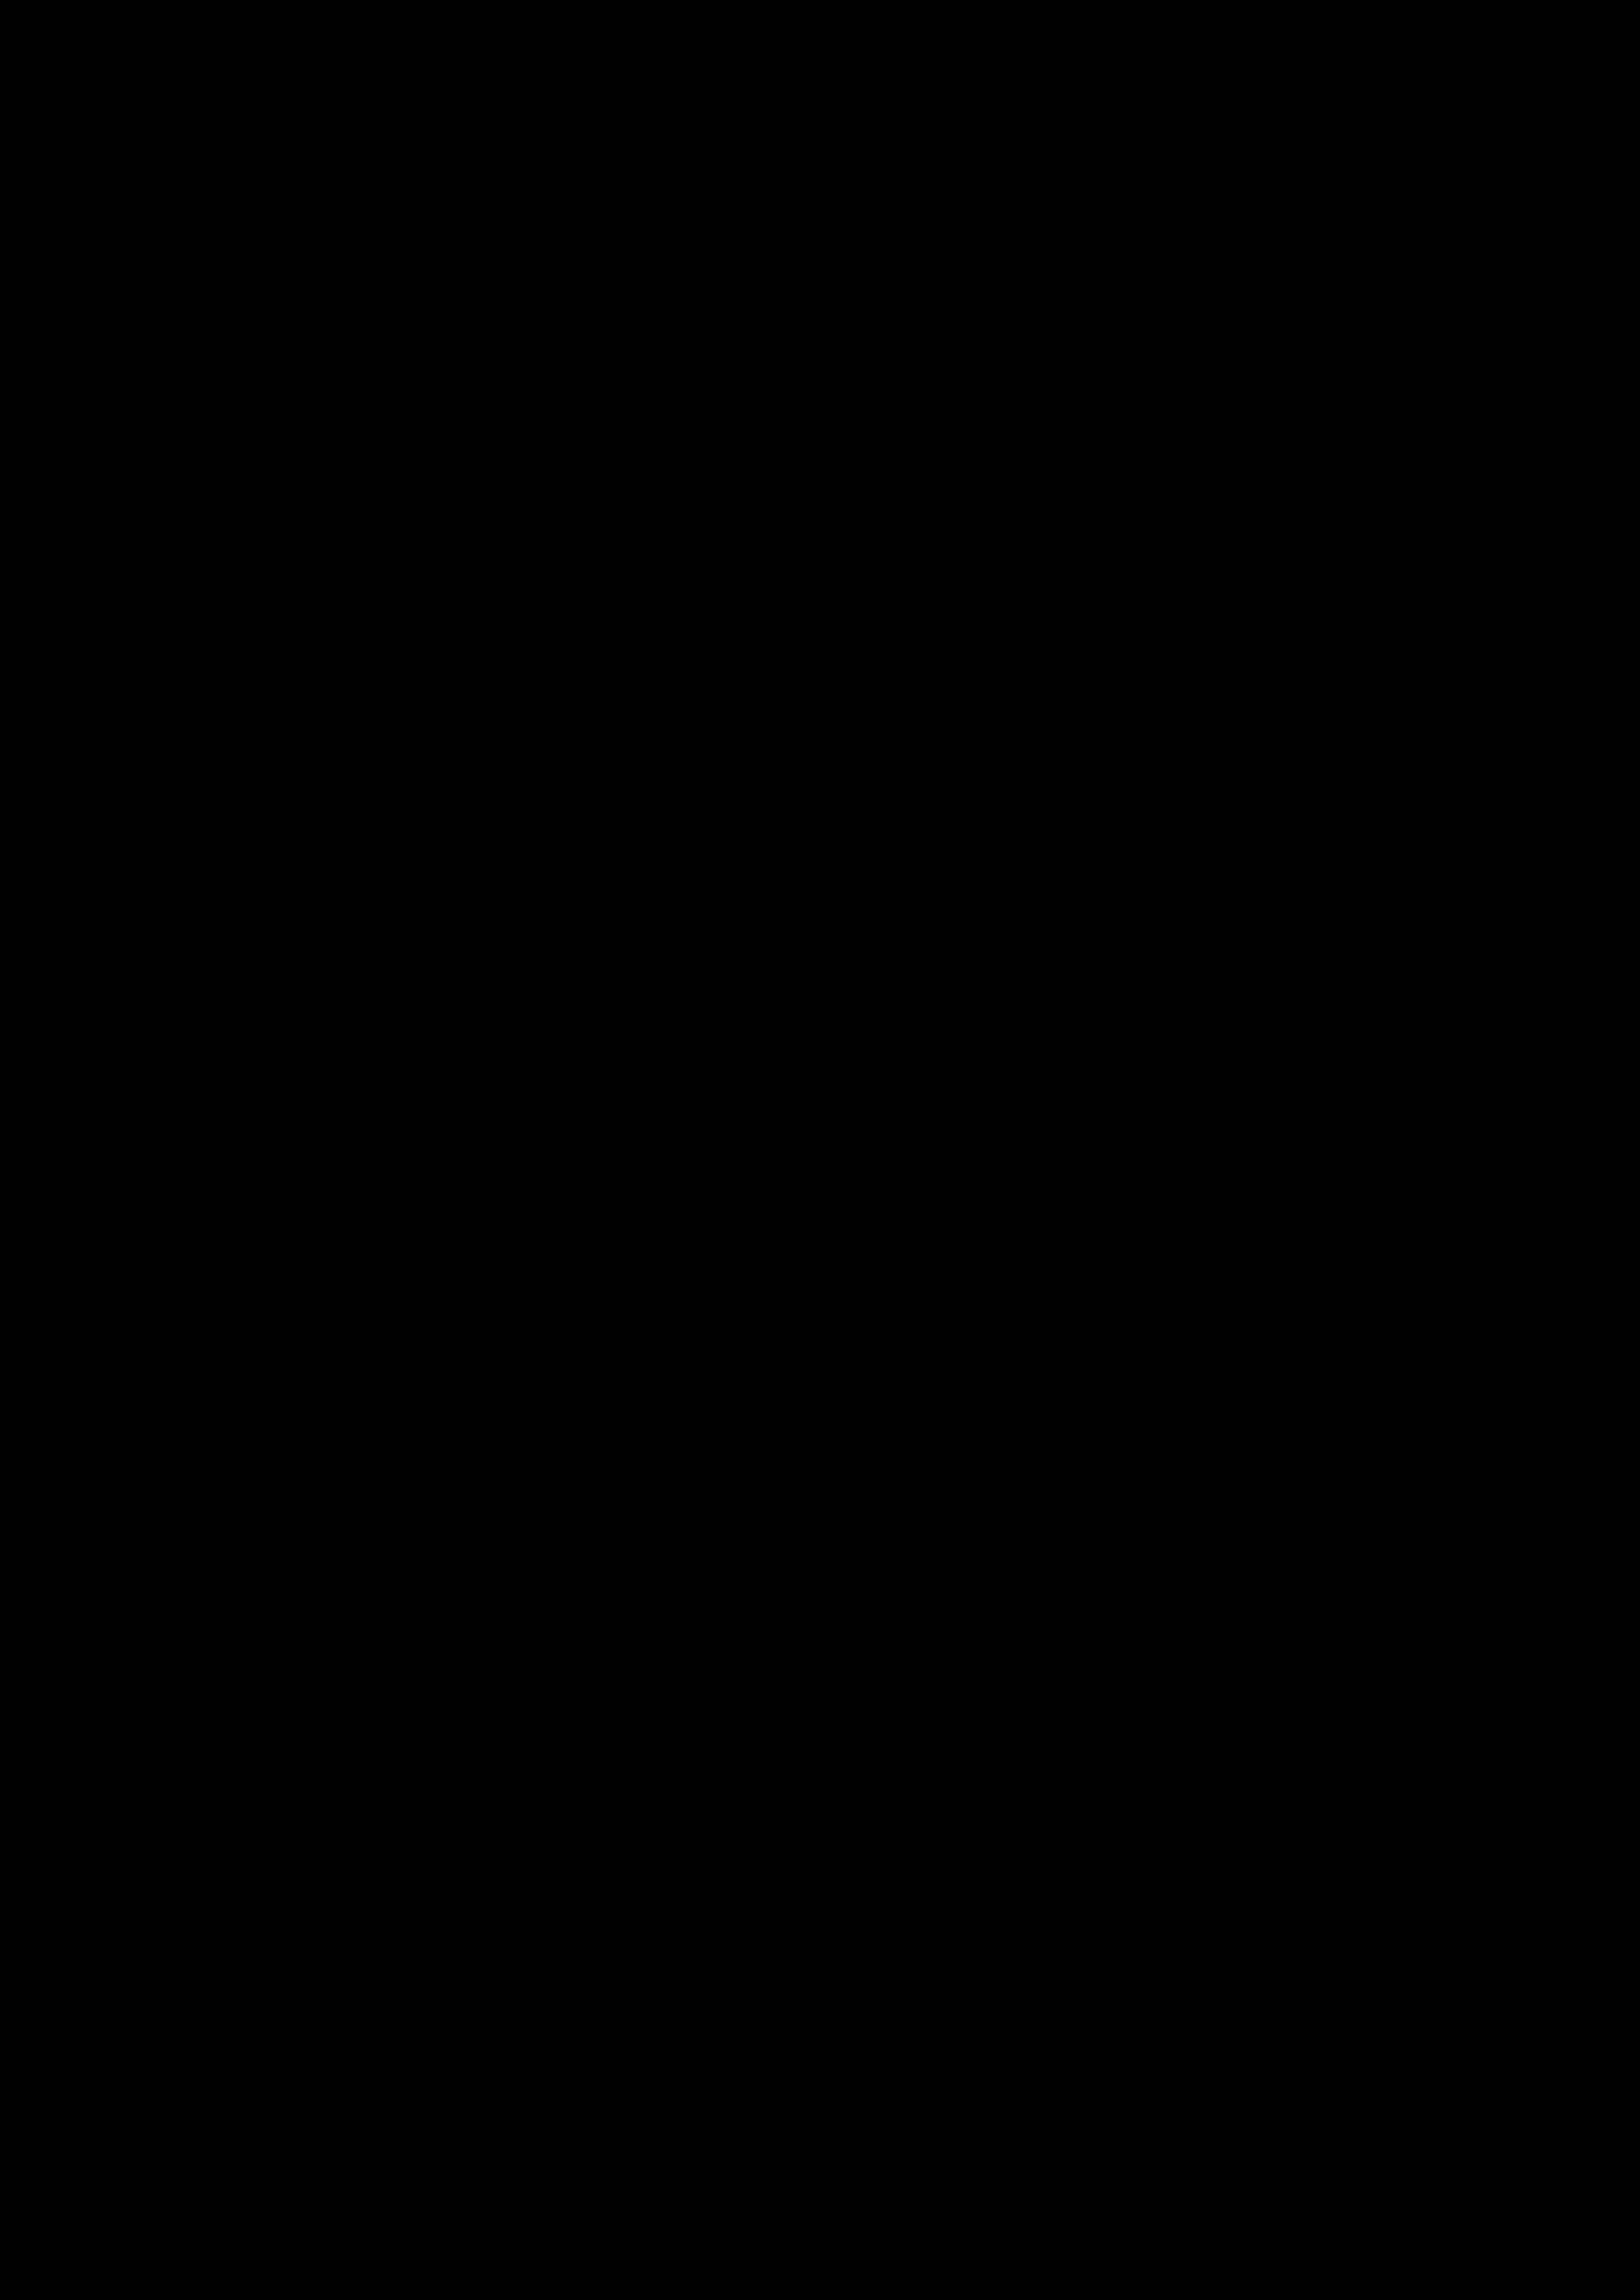 comic book page template design. Magazine cover.